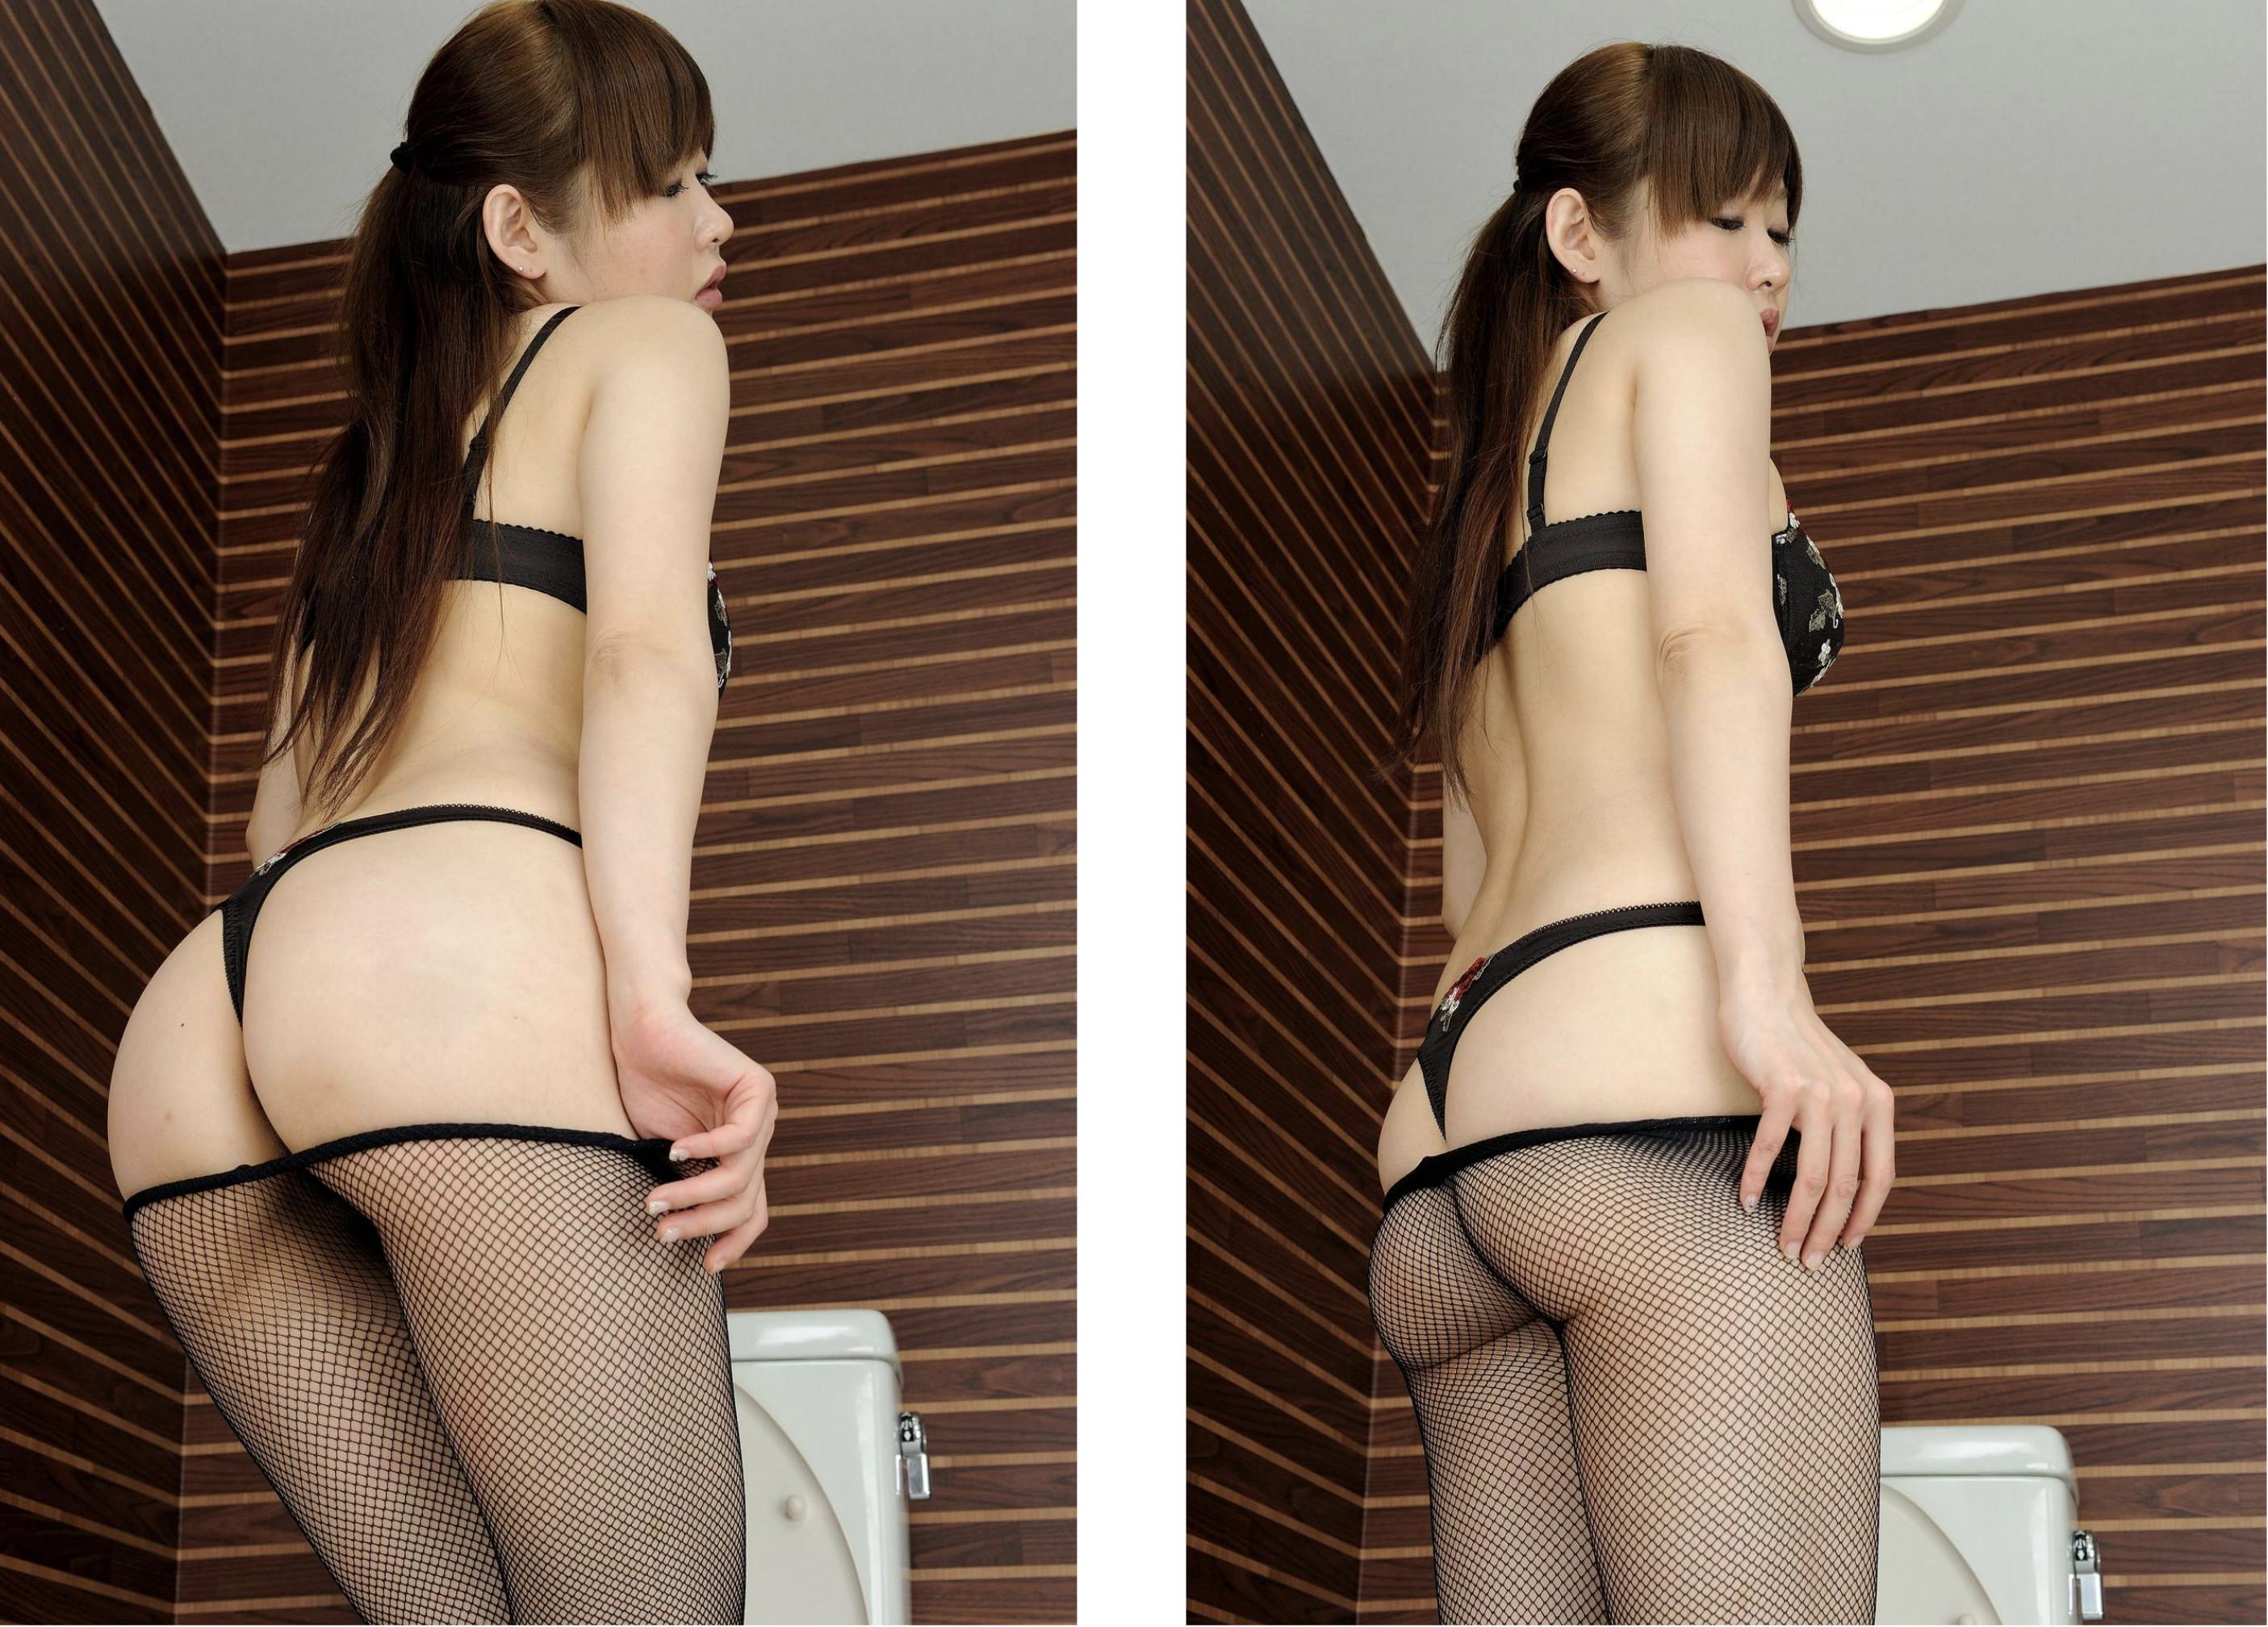 「優木さや」ひとりえっち ishot-071